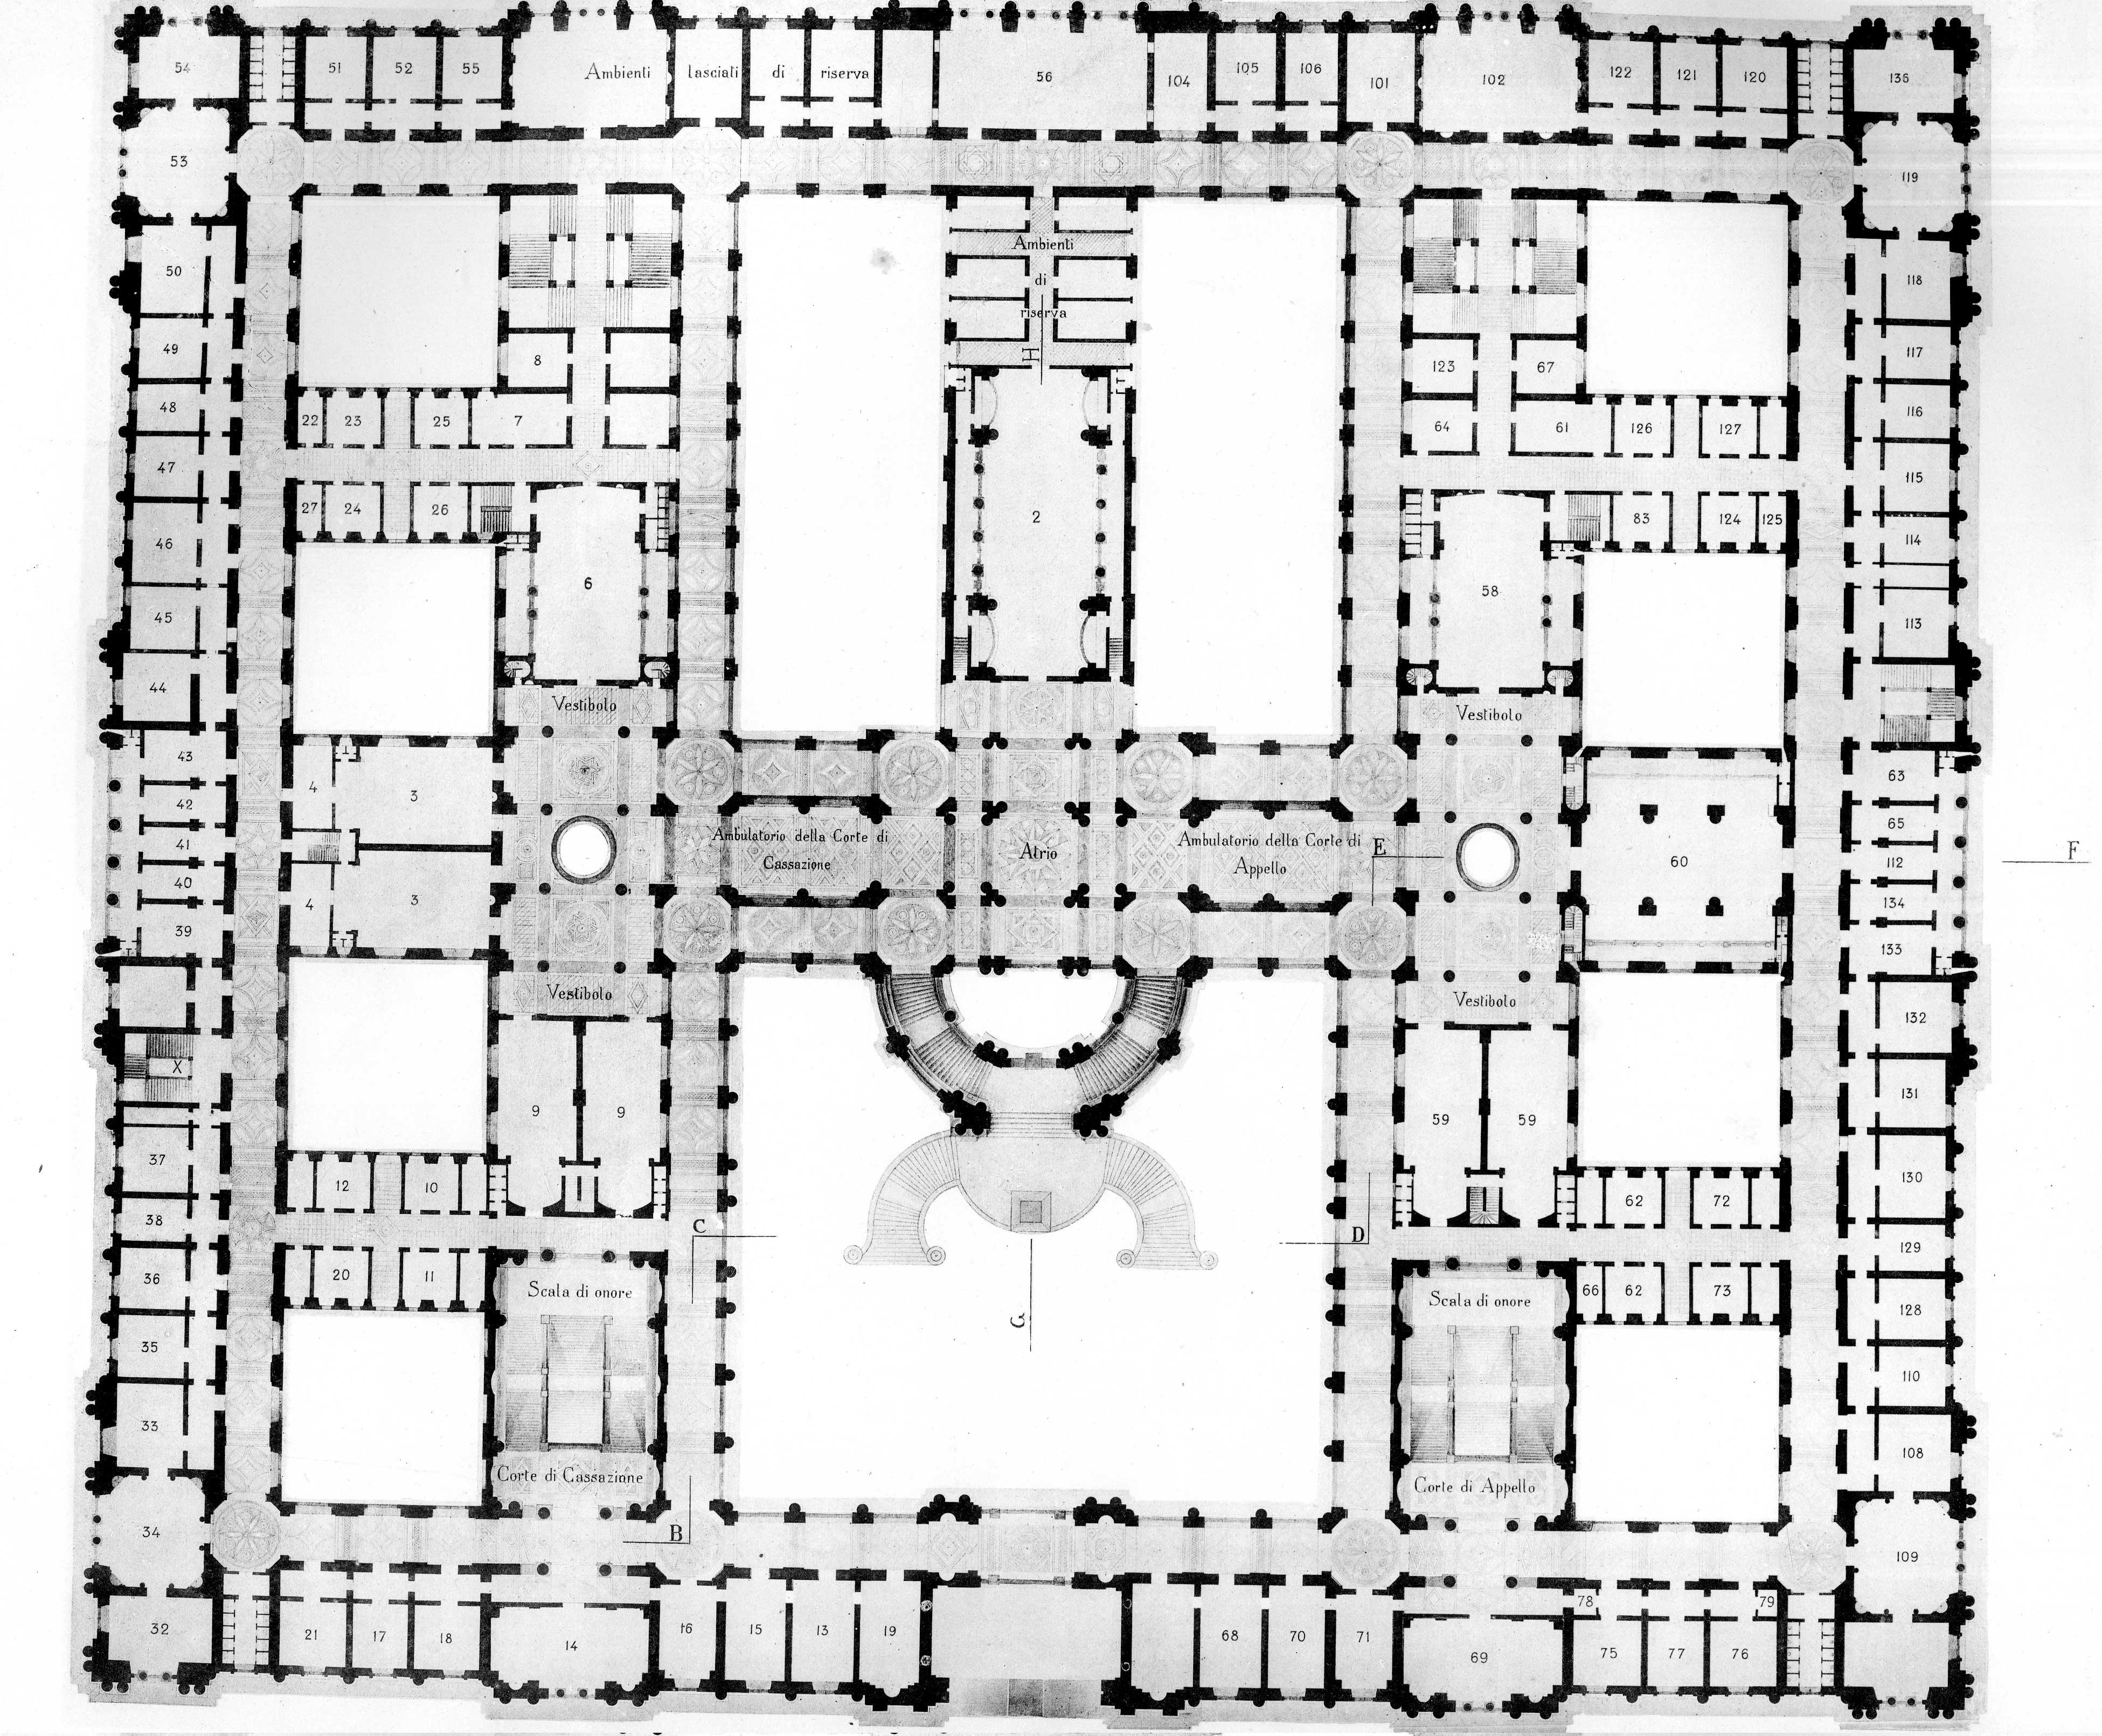 La terza roma gli edifici istituzionali skyscrapercity for Progettista del piano interrato